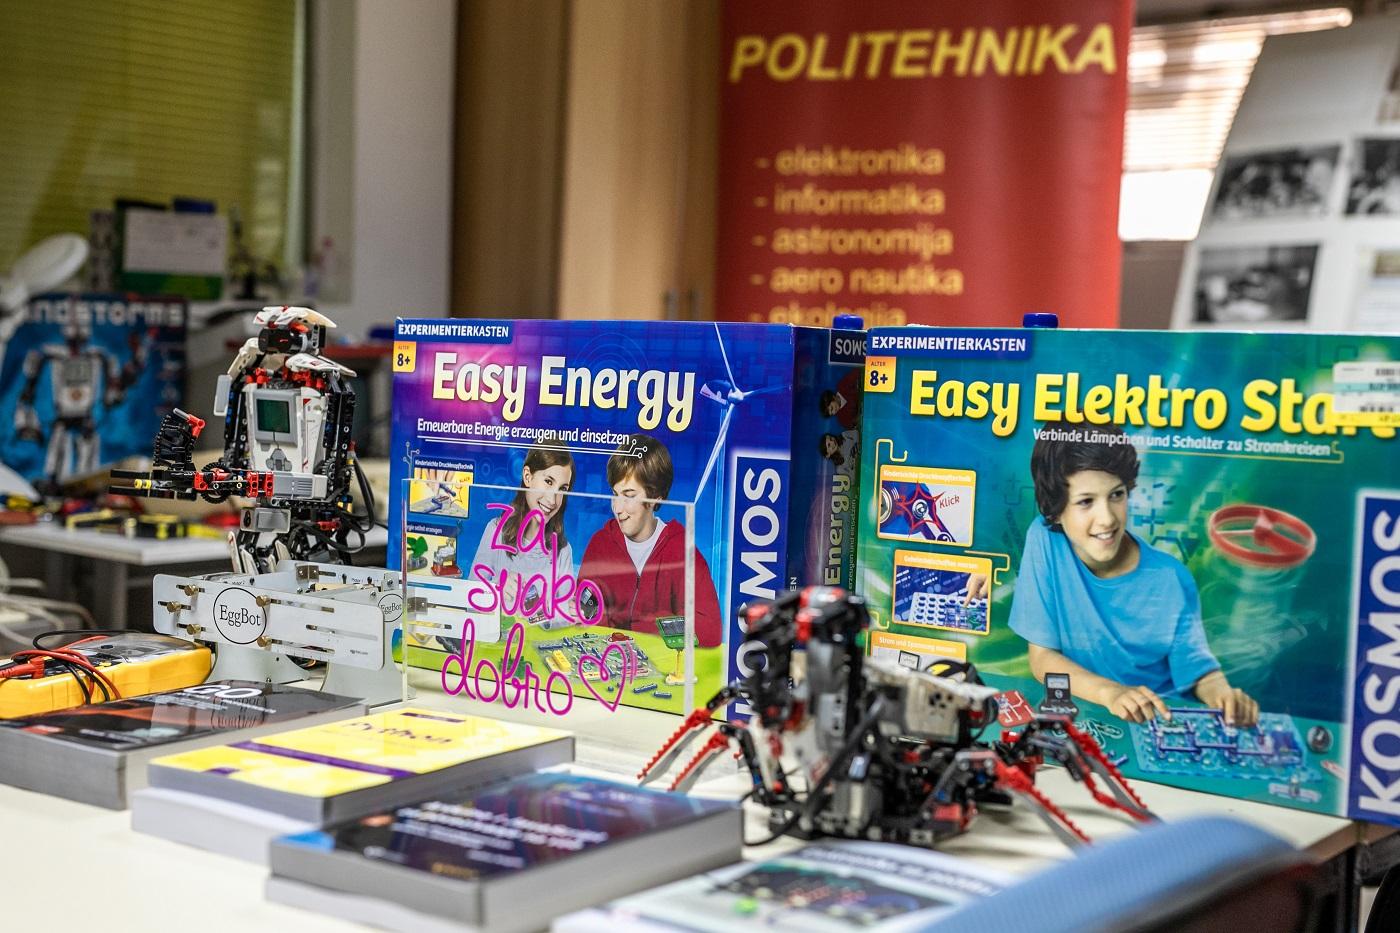 Mladi će biti u prilici da uz pomoć modernih tehnologija kreiraju pametne proizvode